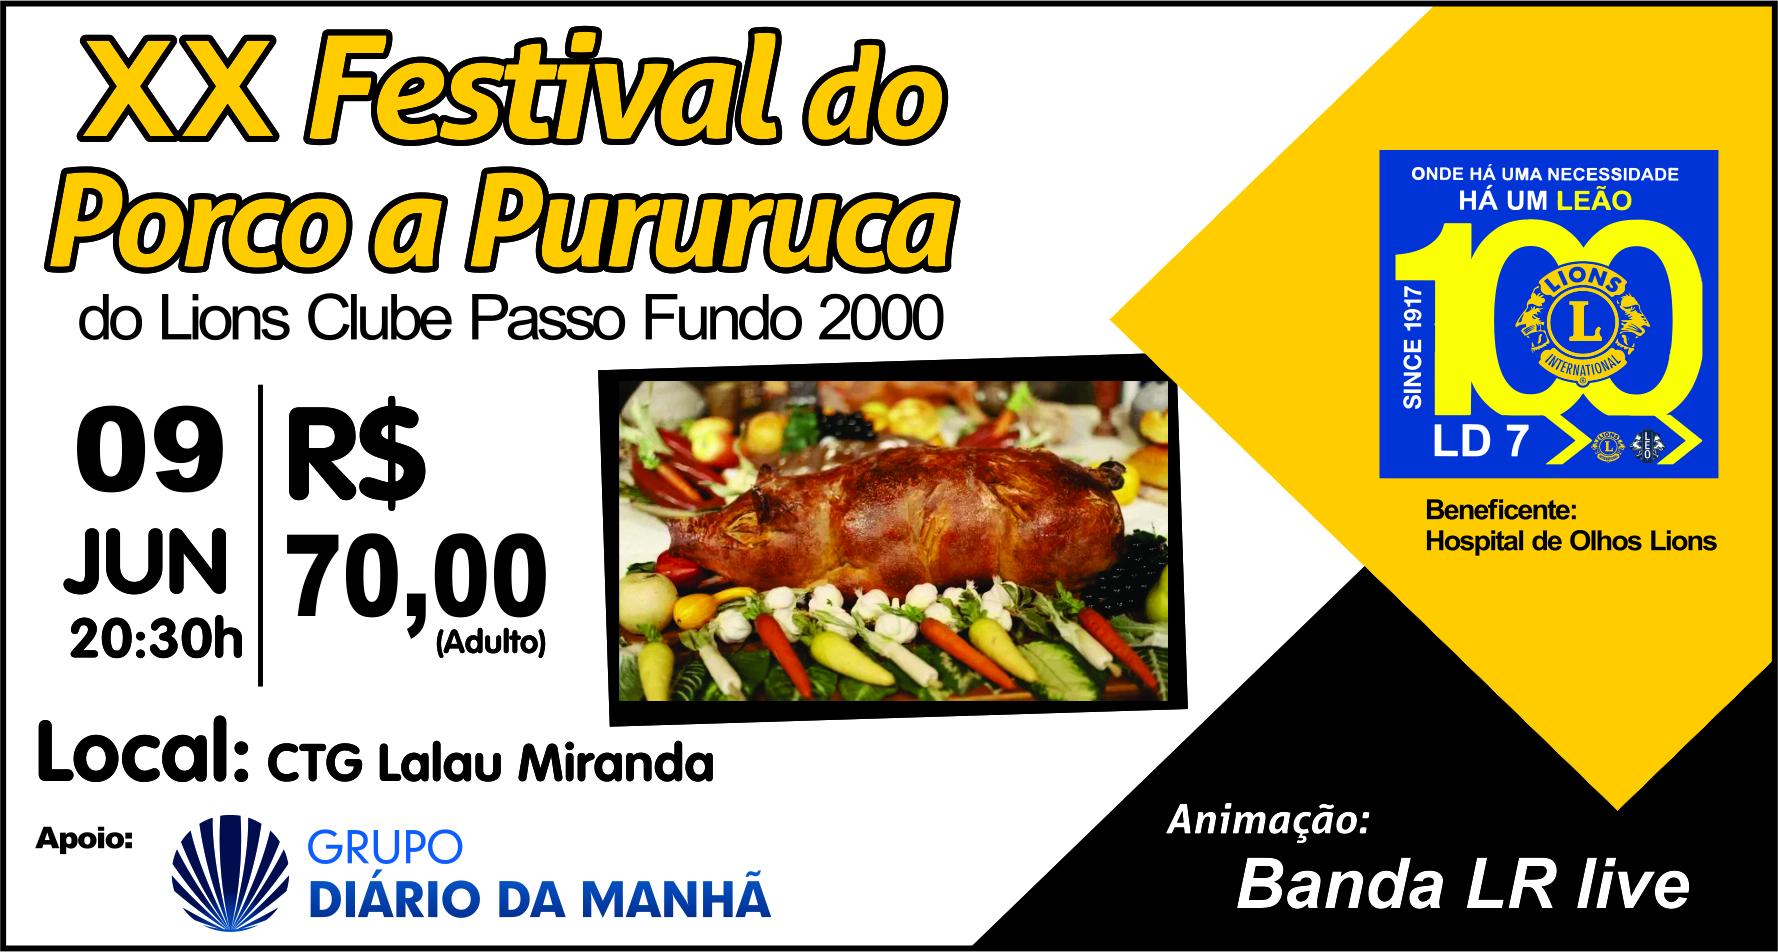 Festival do Porco a Pururuca ocorre neste sábado